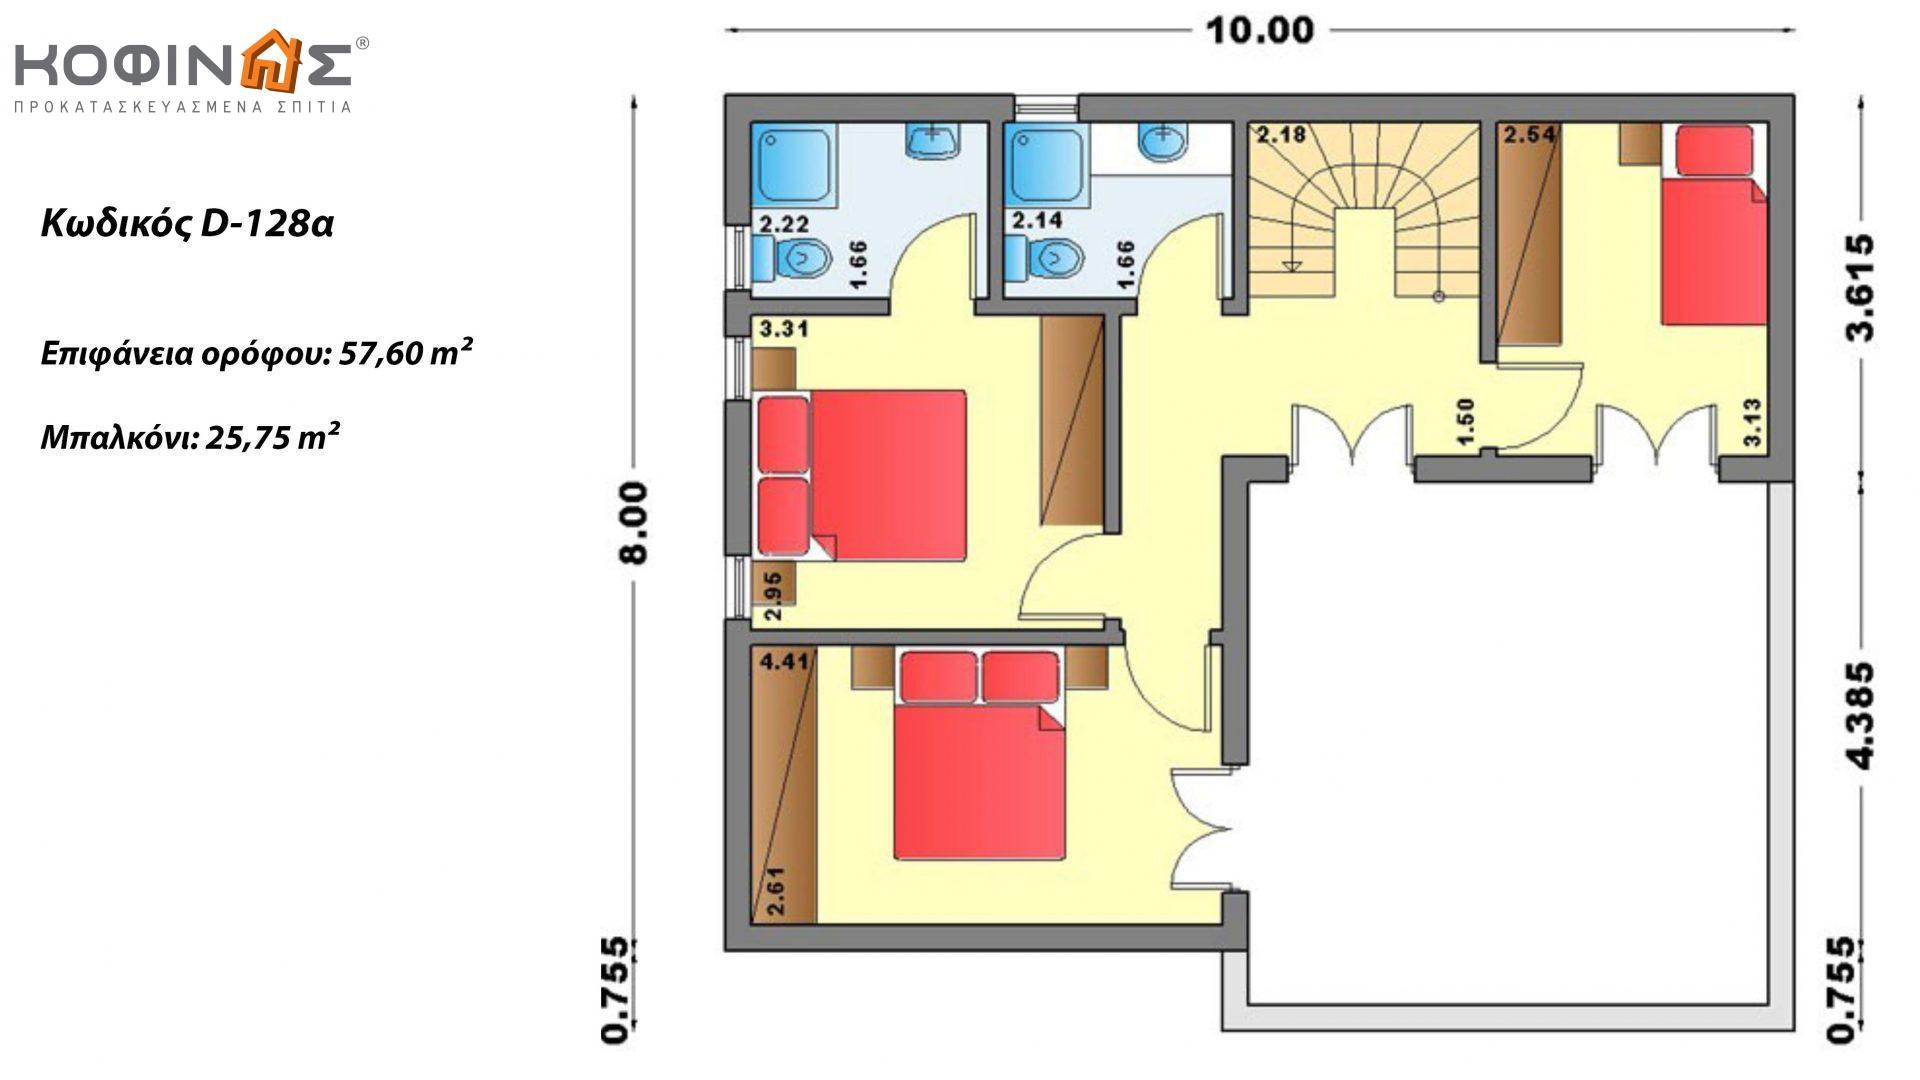 Διώροφη Κατοικία D-128a, συνολικής επιφάνειας 128,60 τ.μ., συνολική επιφάνεια στεγασμένων χώρων 14.37 τ.μ., μπαλκόνια 25.75 τ.μ.